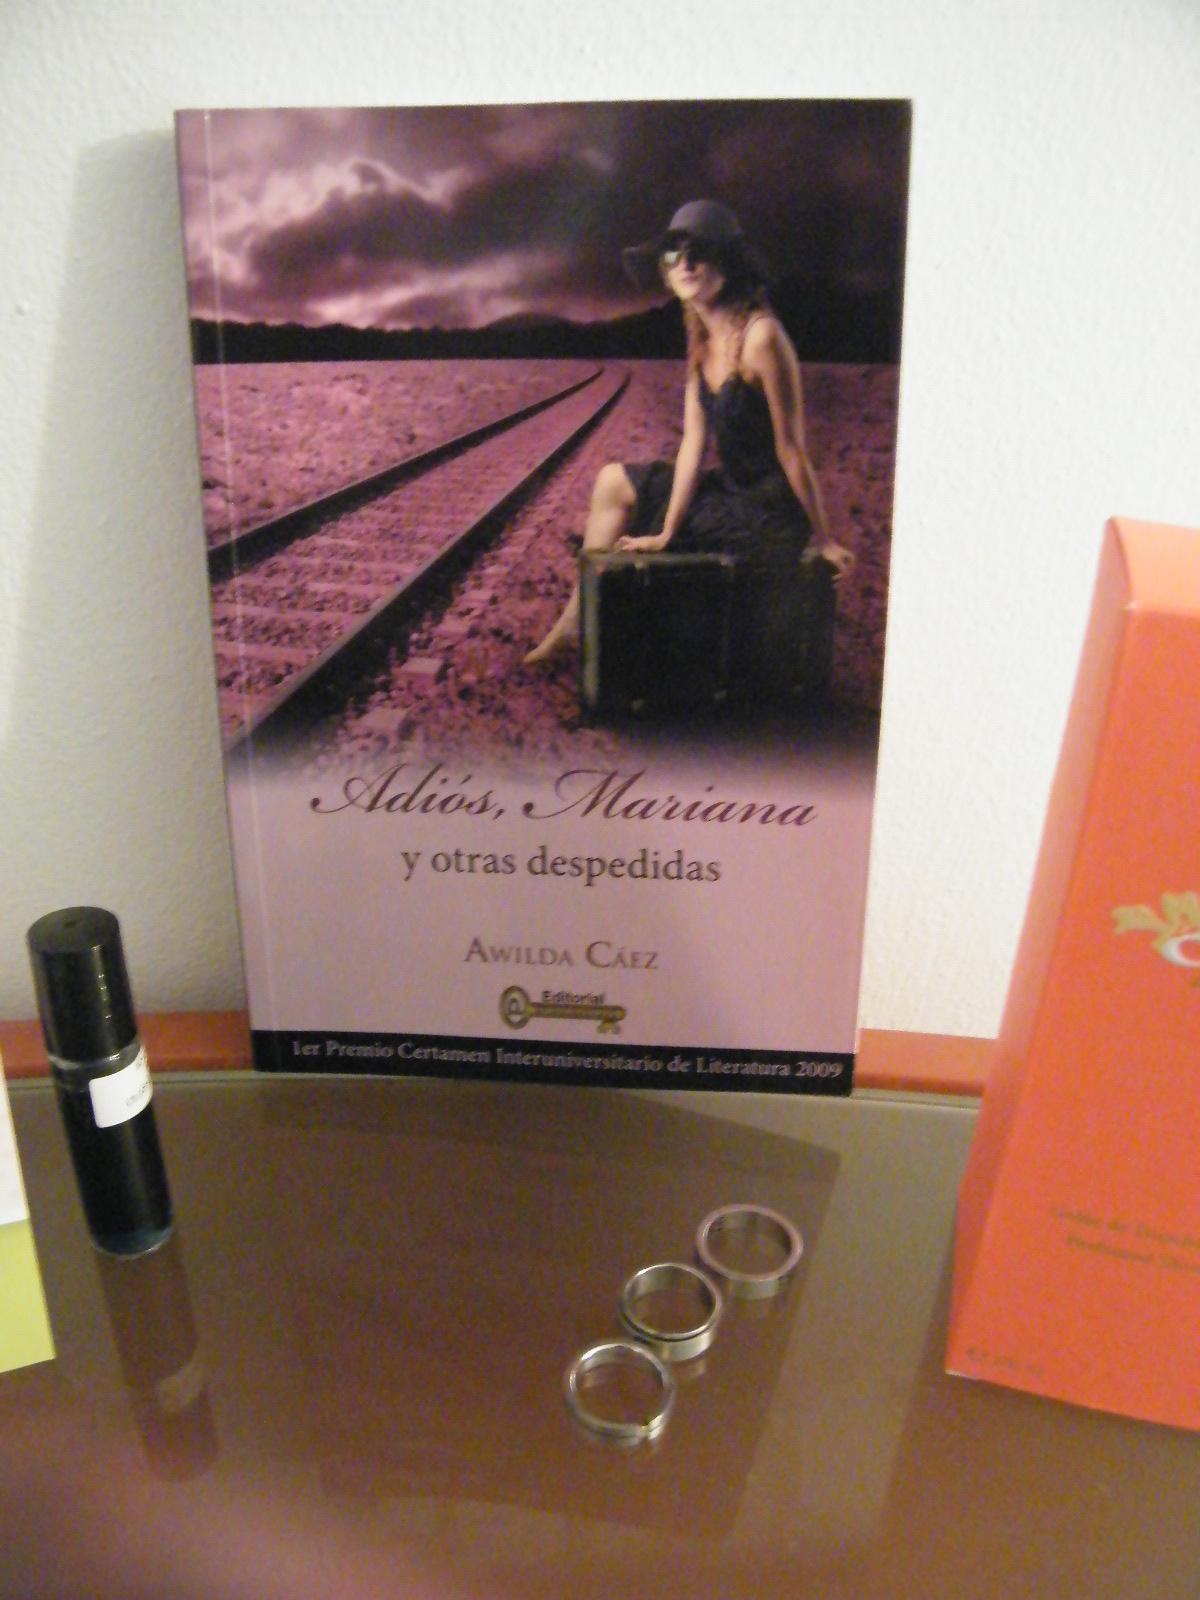 Madame Escenas y su 'Adiós Mariana y otras despedidas' (5 de 20)